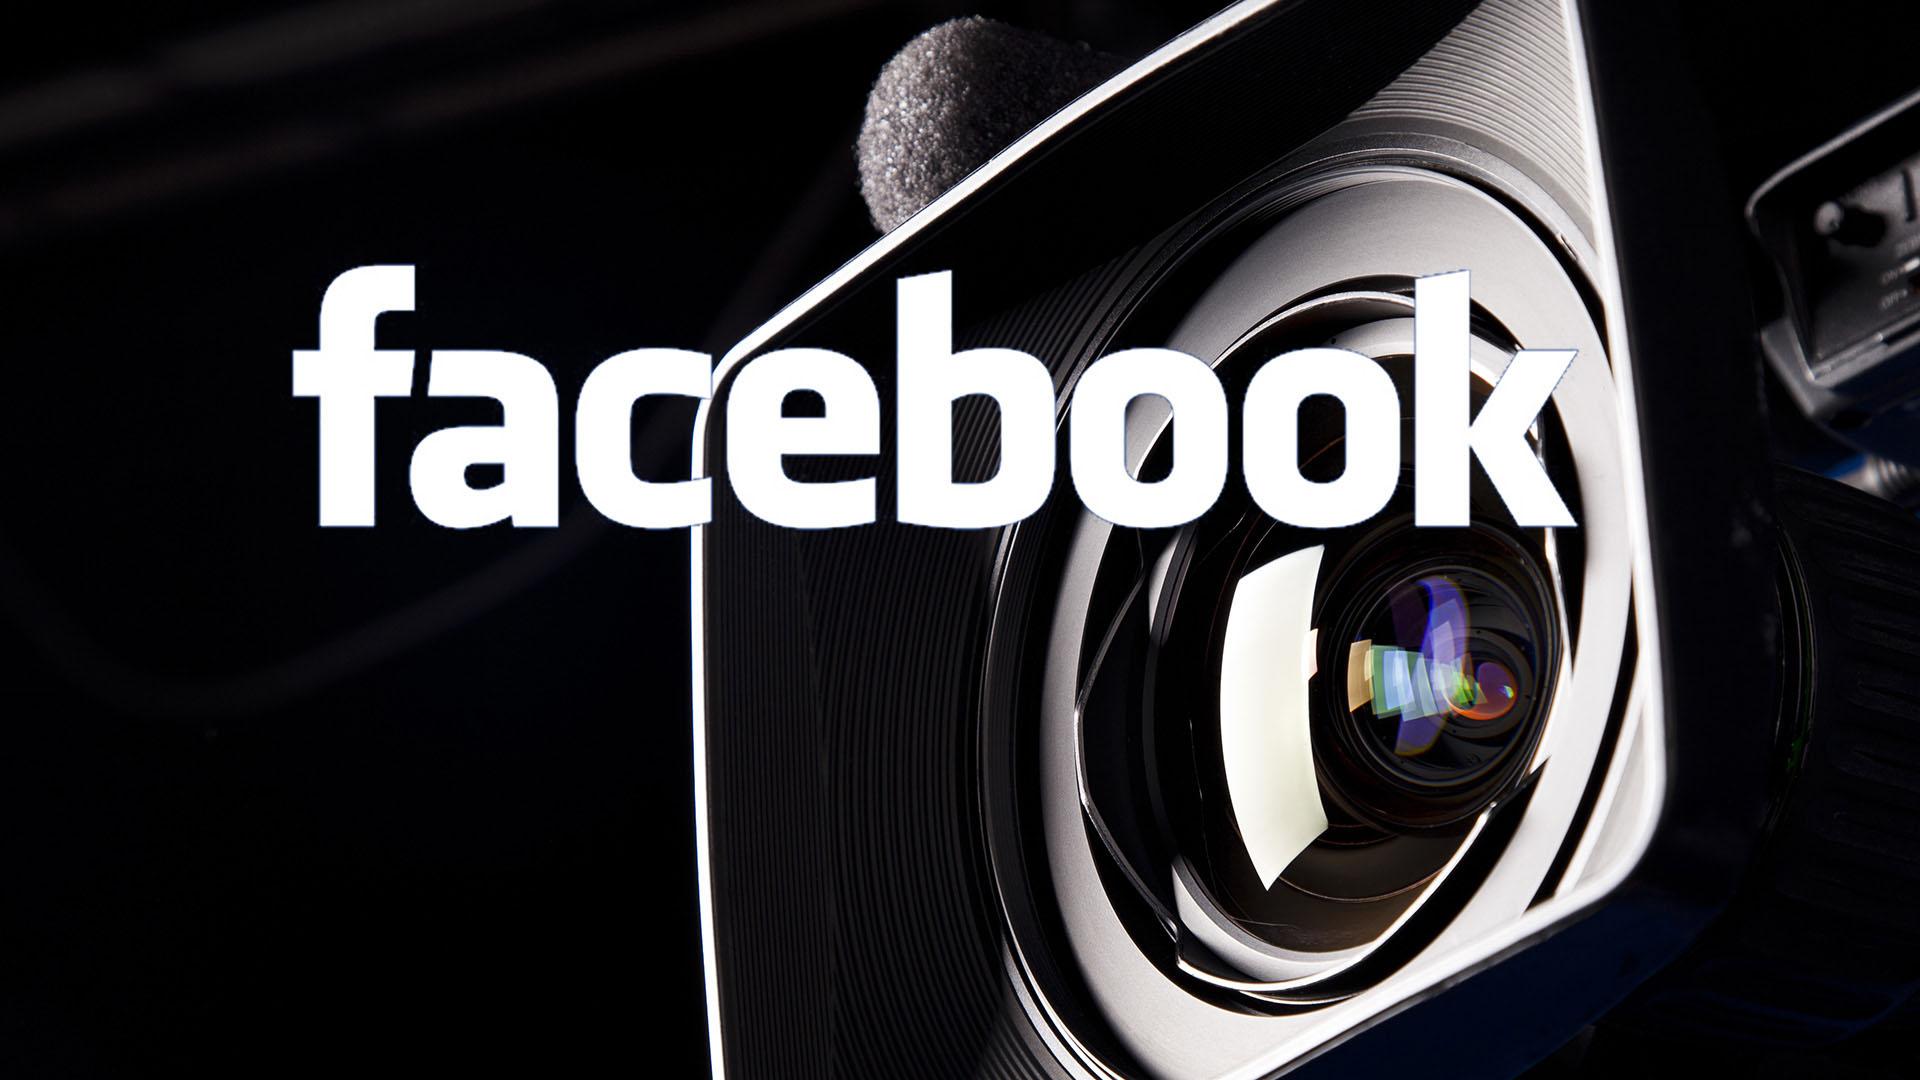 facebbokvideonum